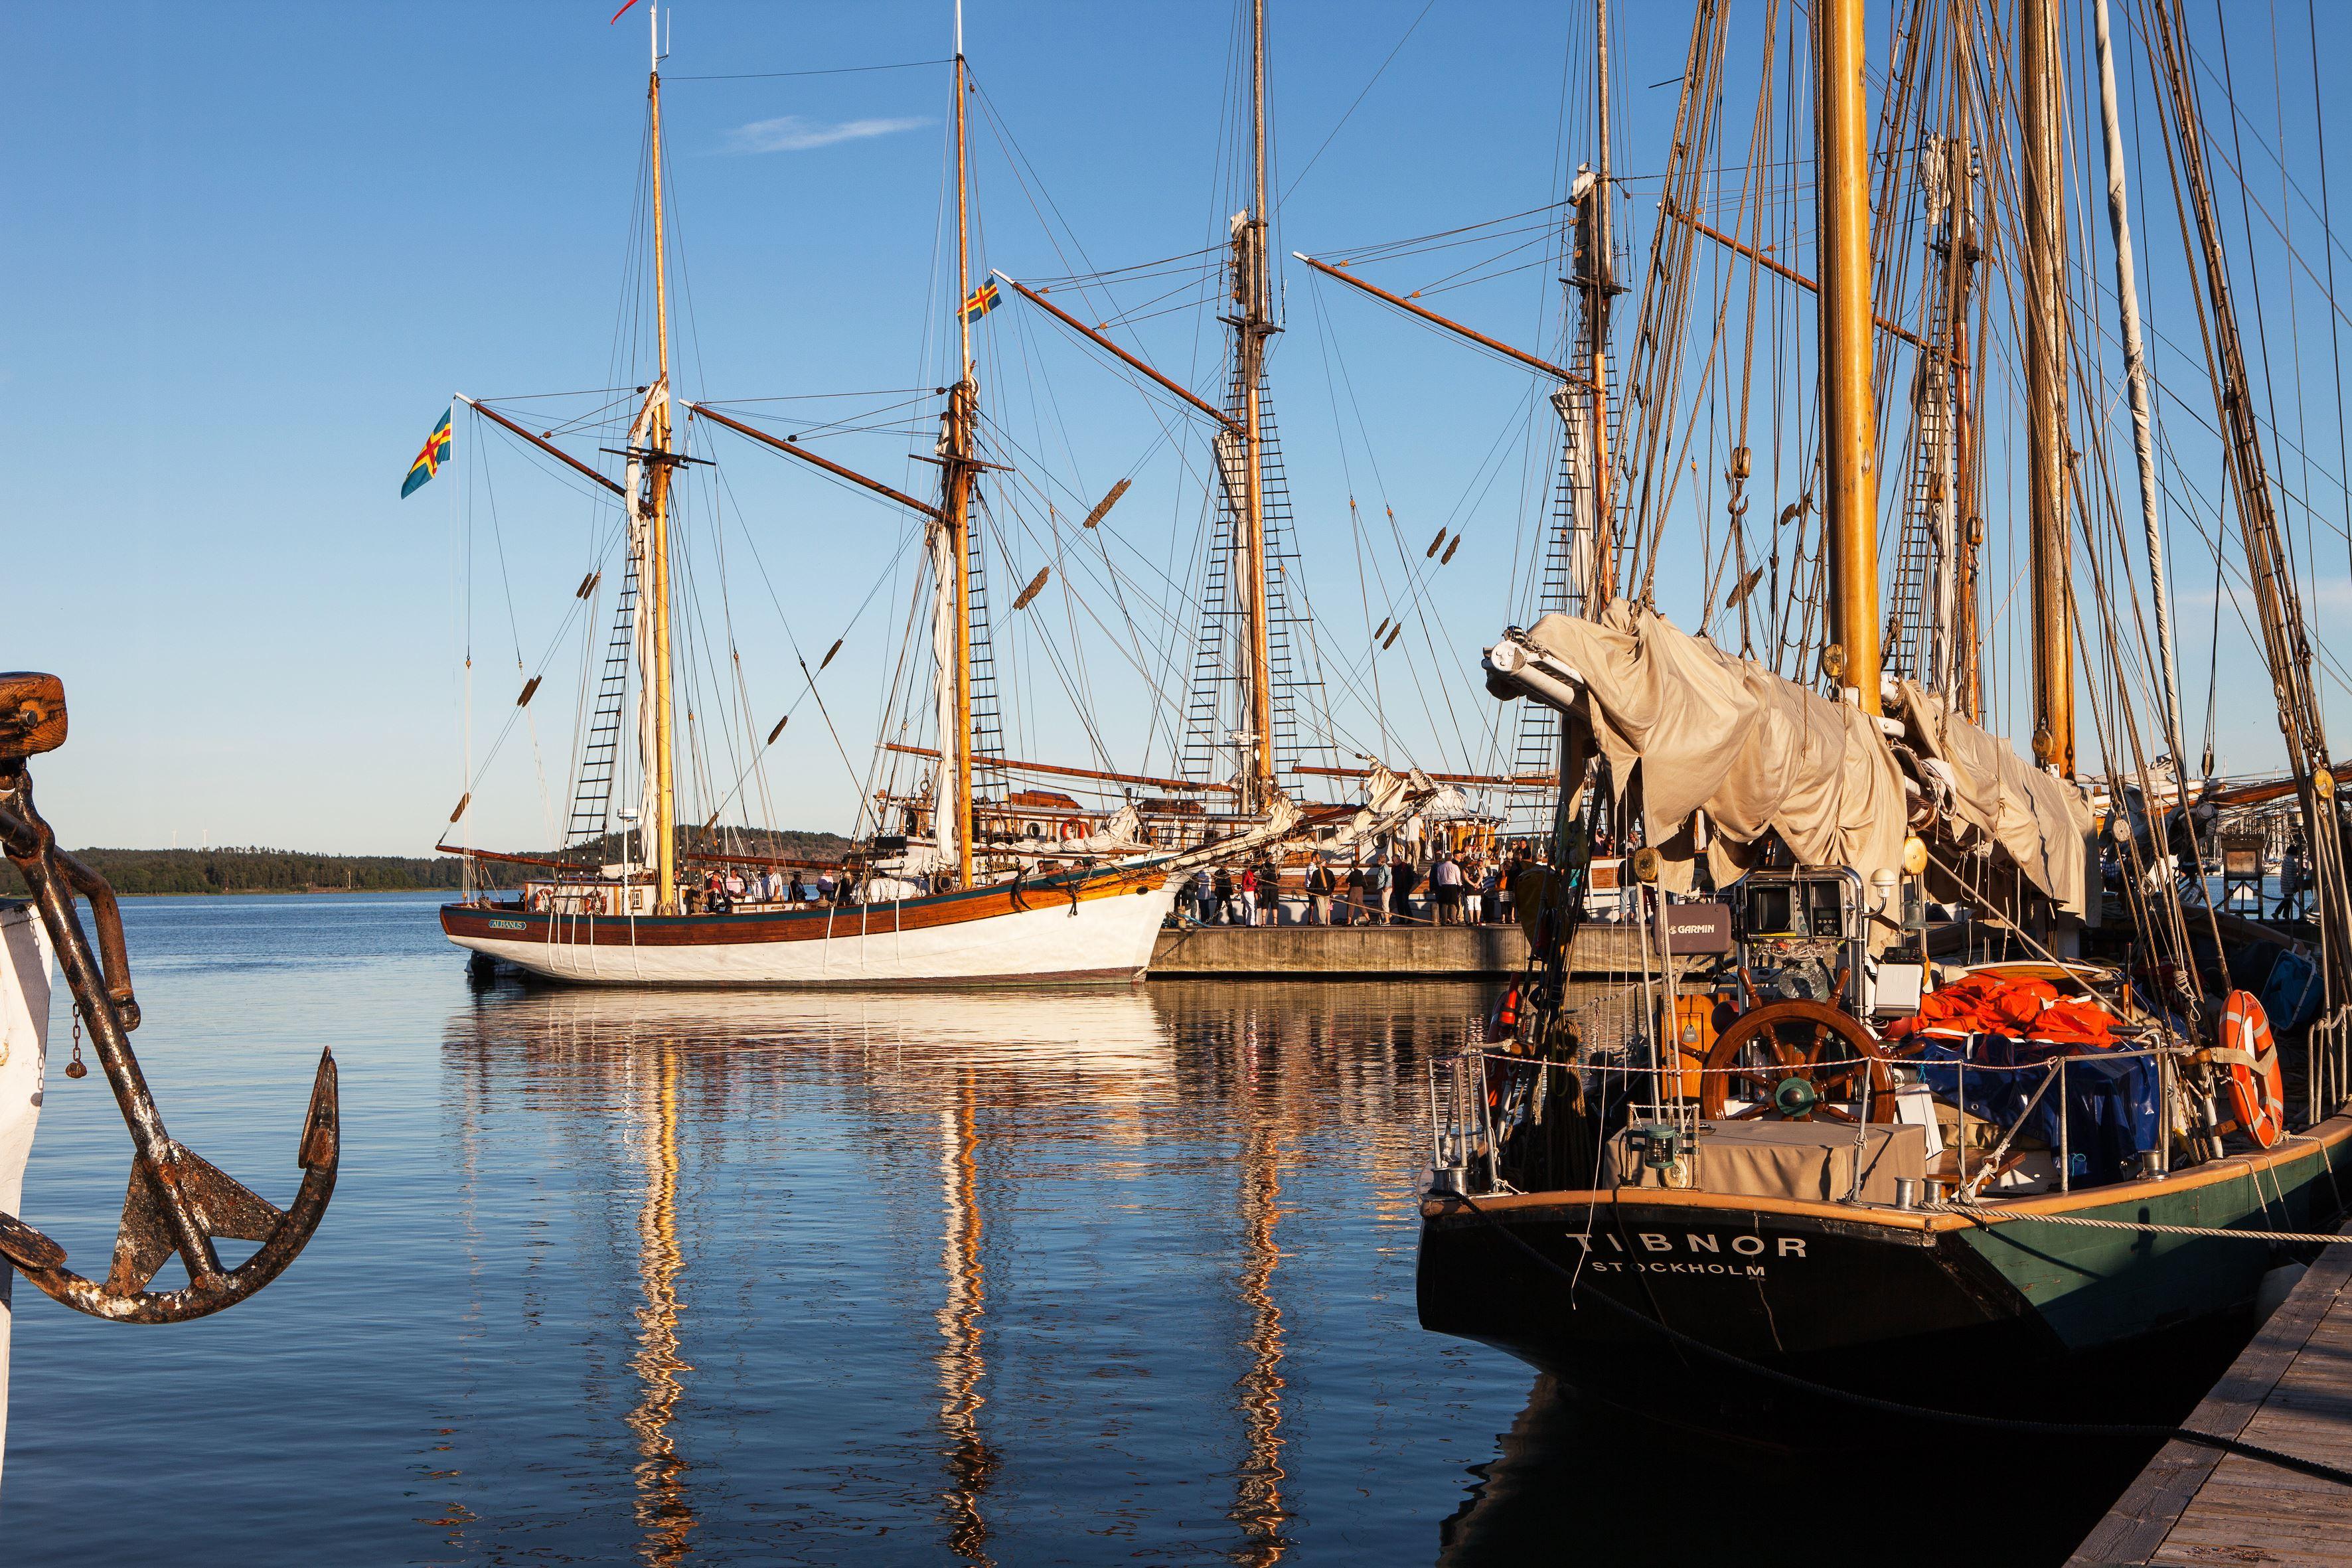 S/S Albanus 4 h sailing